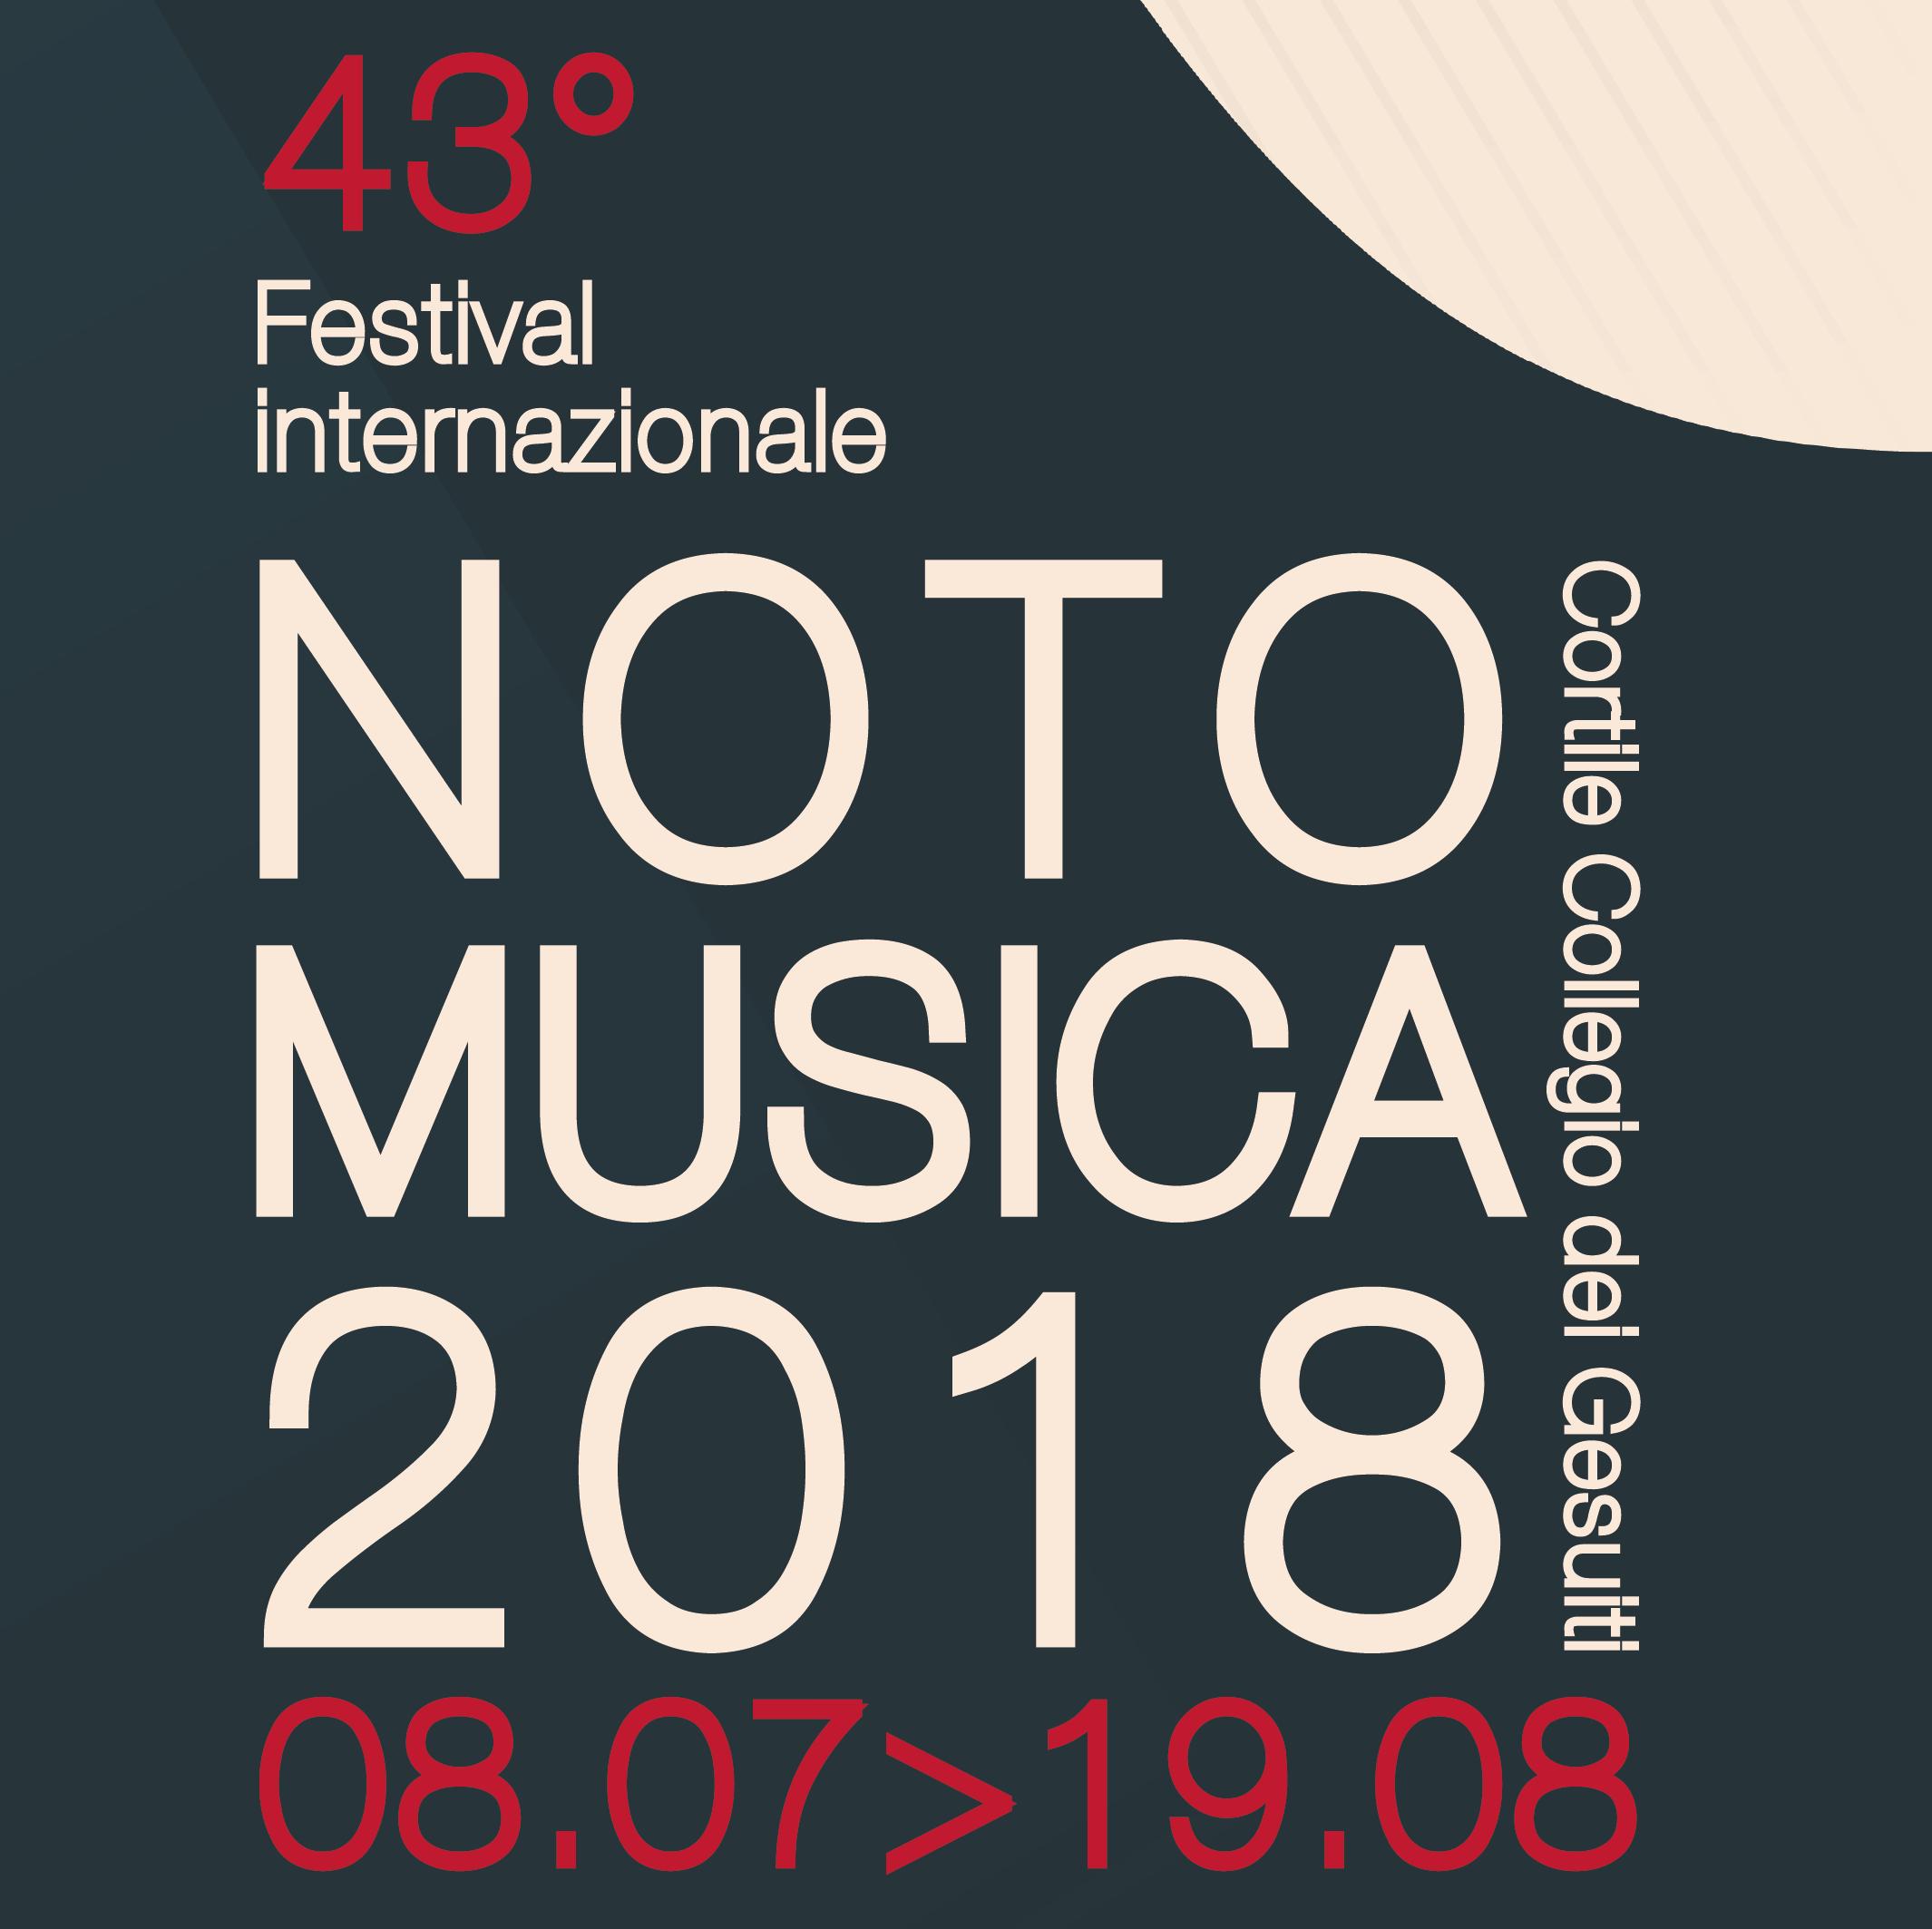 NOTO MUSICA 2018. Il programma dall'8 di Luglio al 19 di Agosto